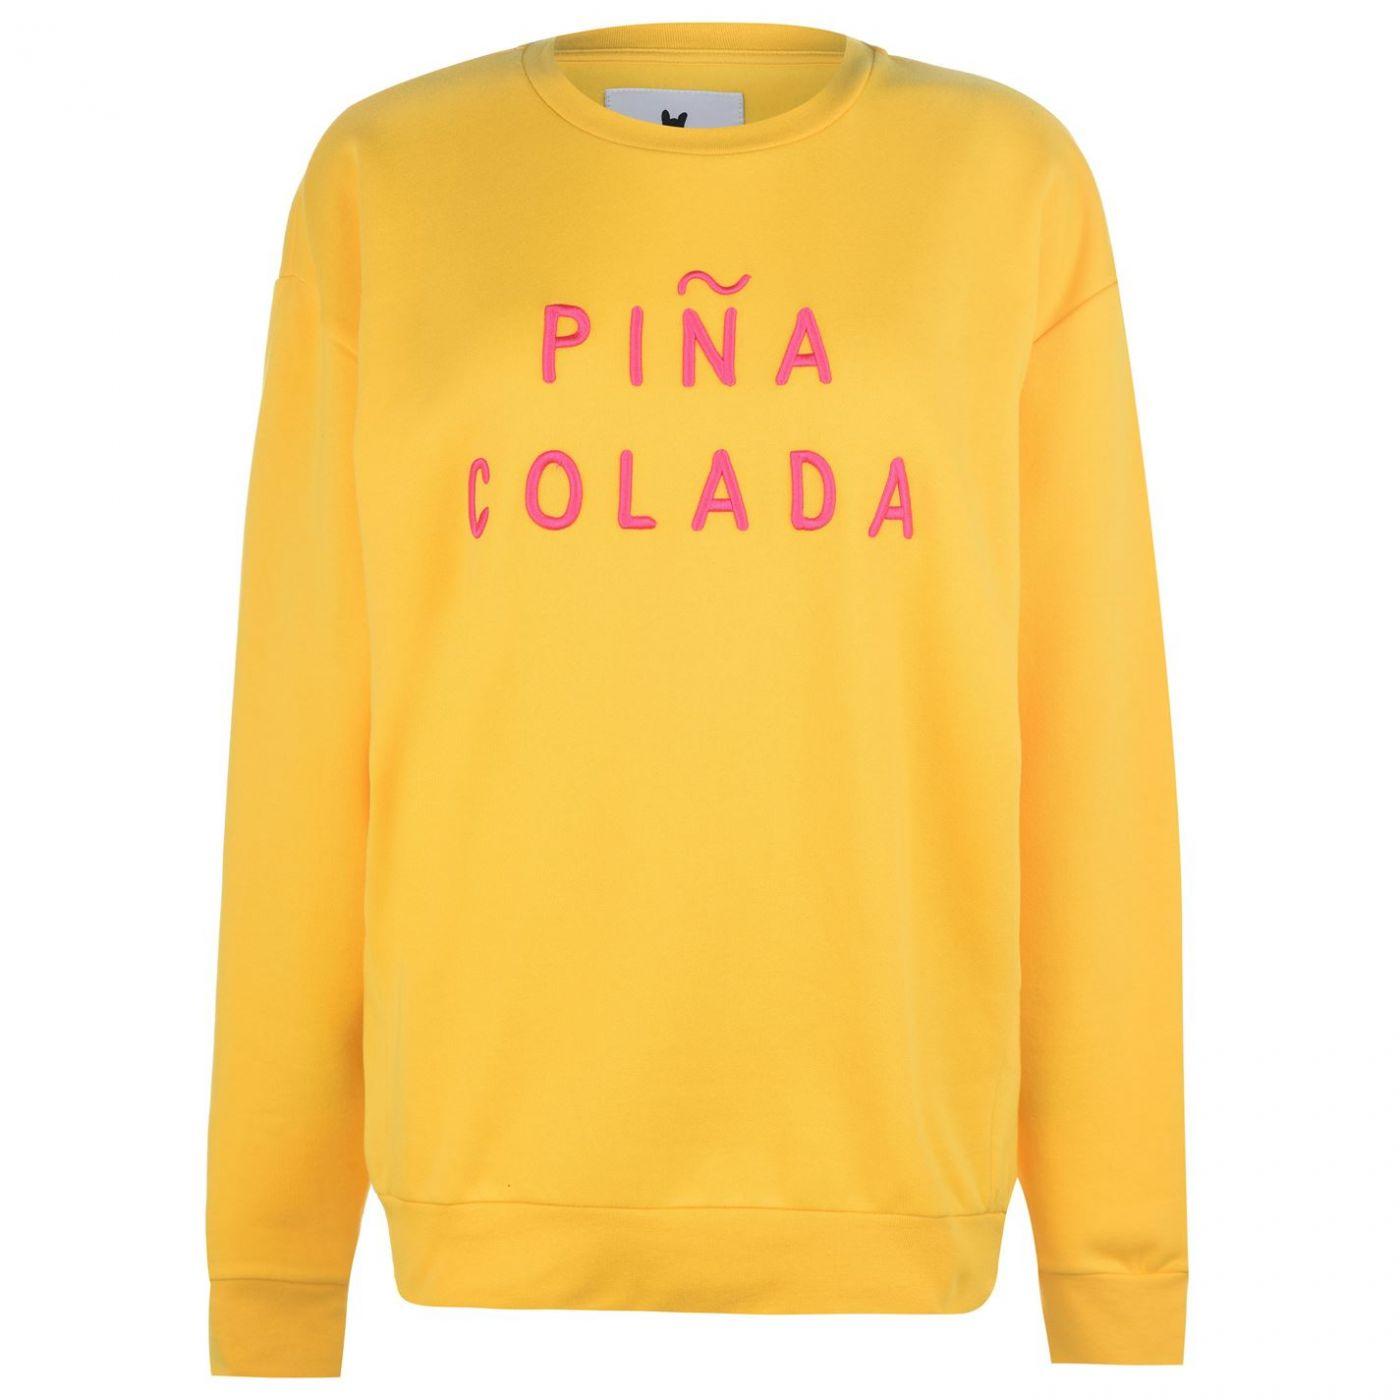 Blake Seven Pina Colada Sweatshirt